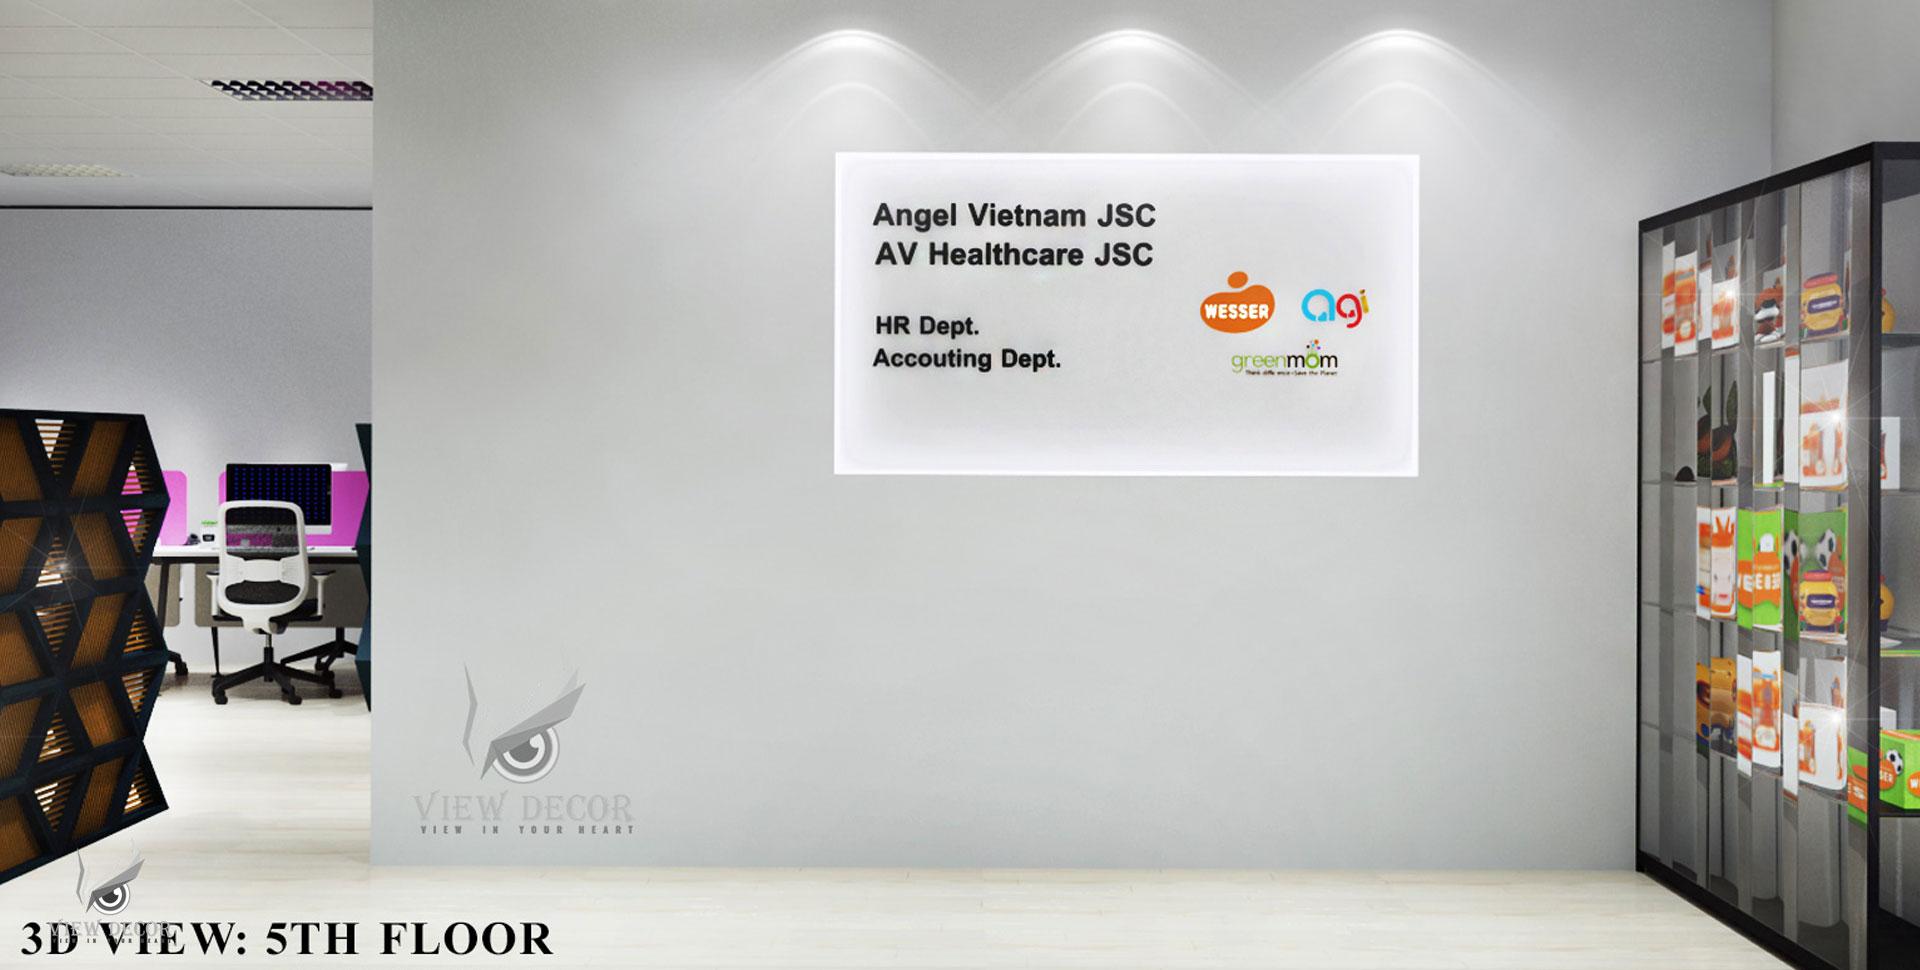 Thi Công Văn Phòng công ty ANGEL VIỆT NAM